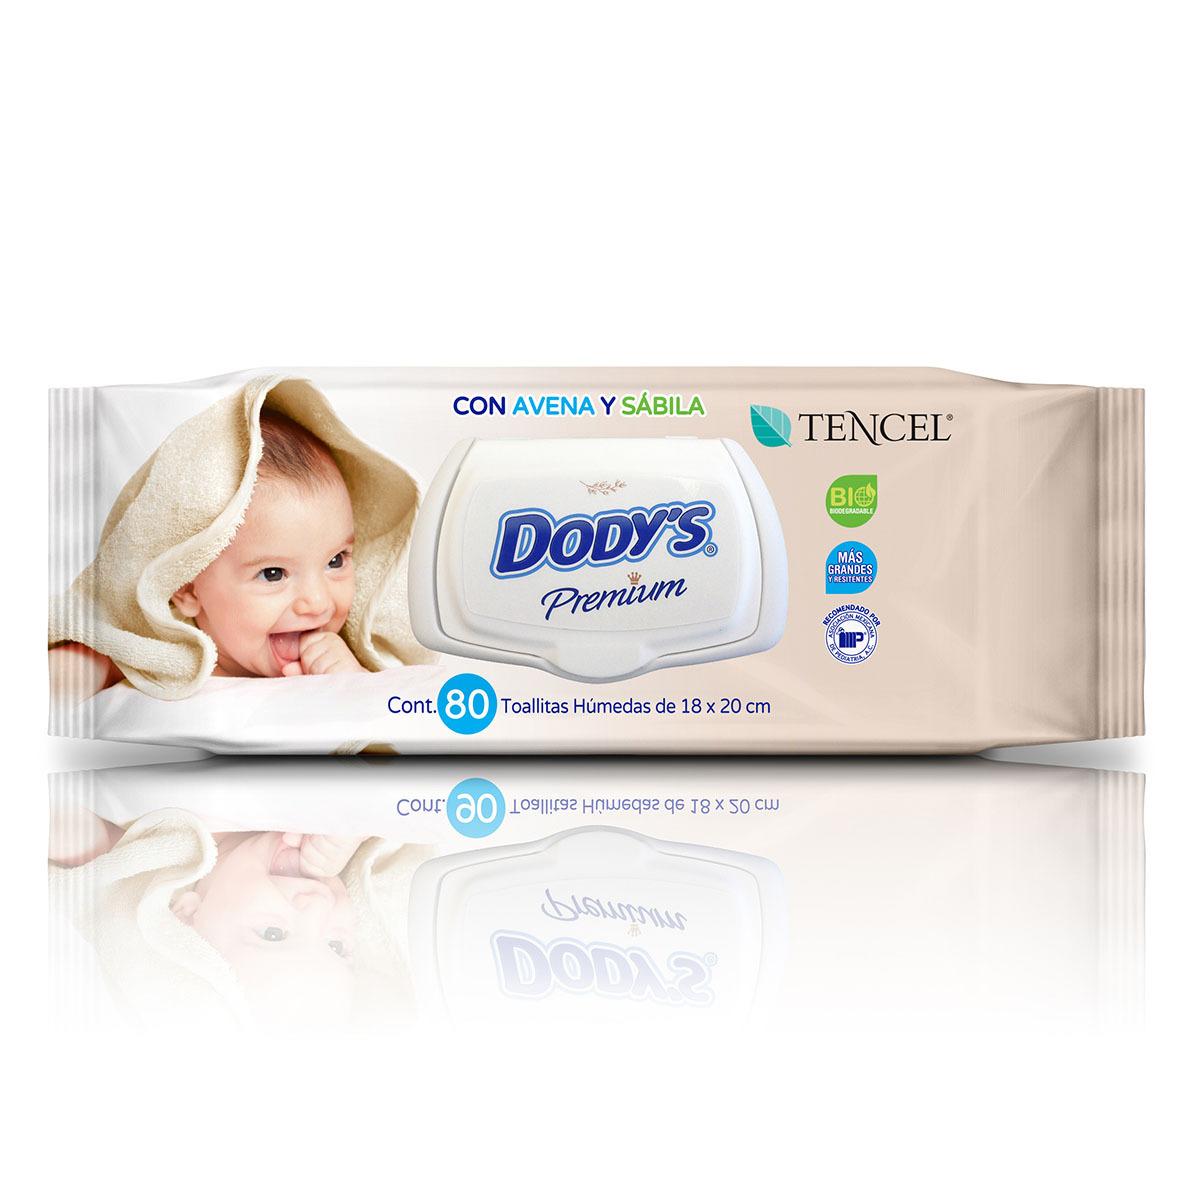 Comprar Dodys Premium Toallitas Humedas 1 Paquete 80 Toallas